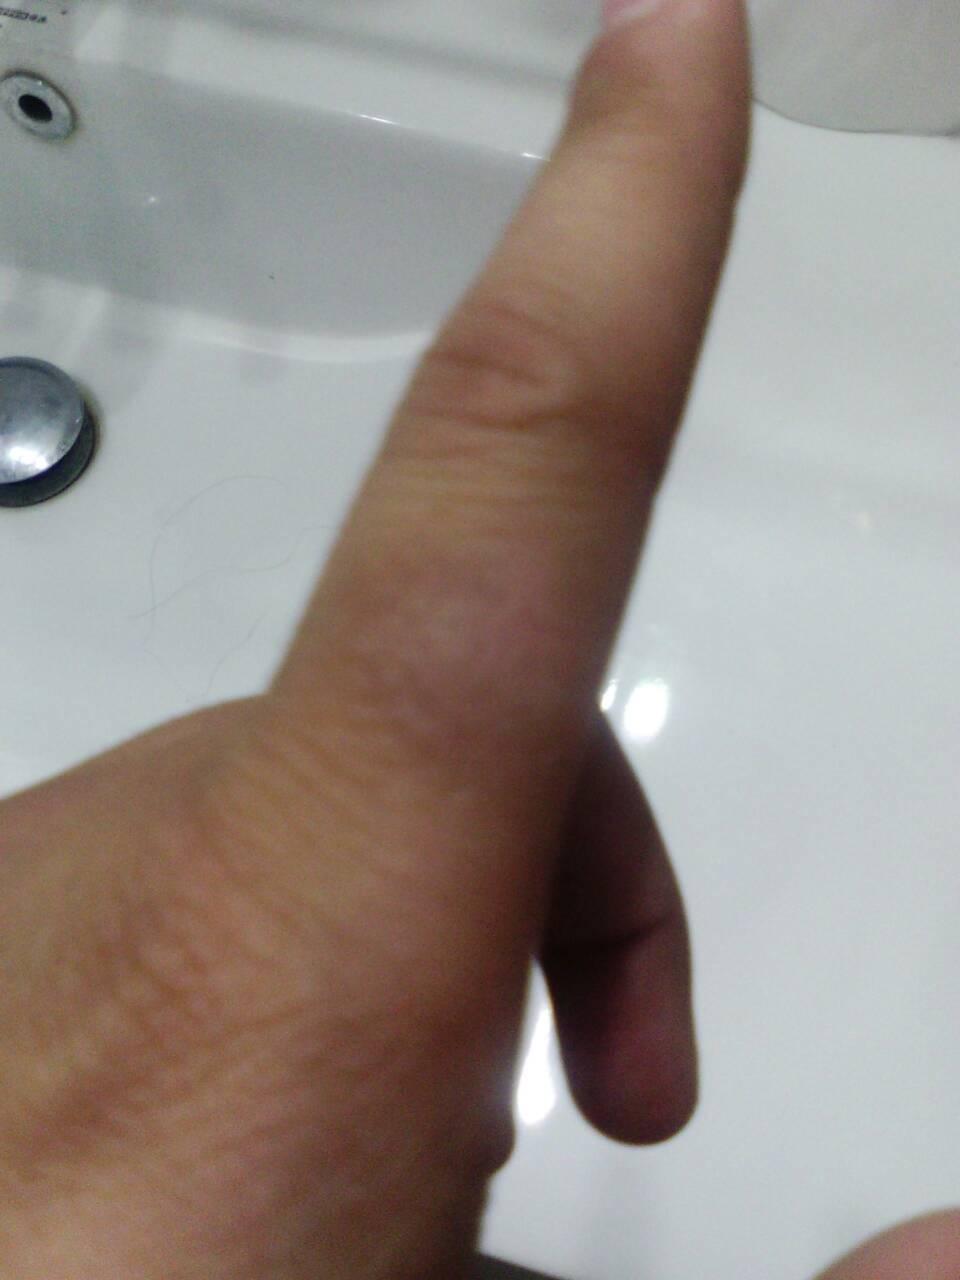 我是个12岁的女孩 我手指骨节的下面 手指上>起了一